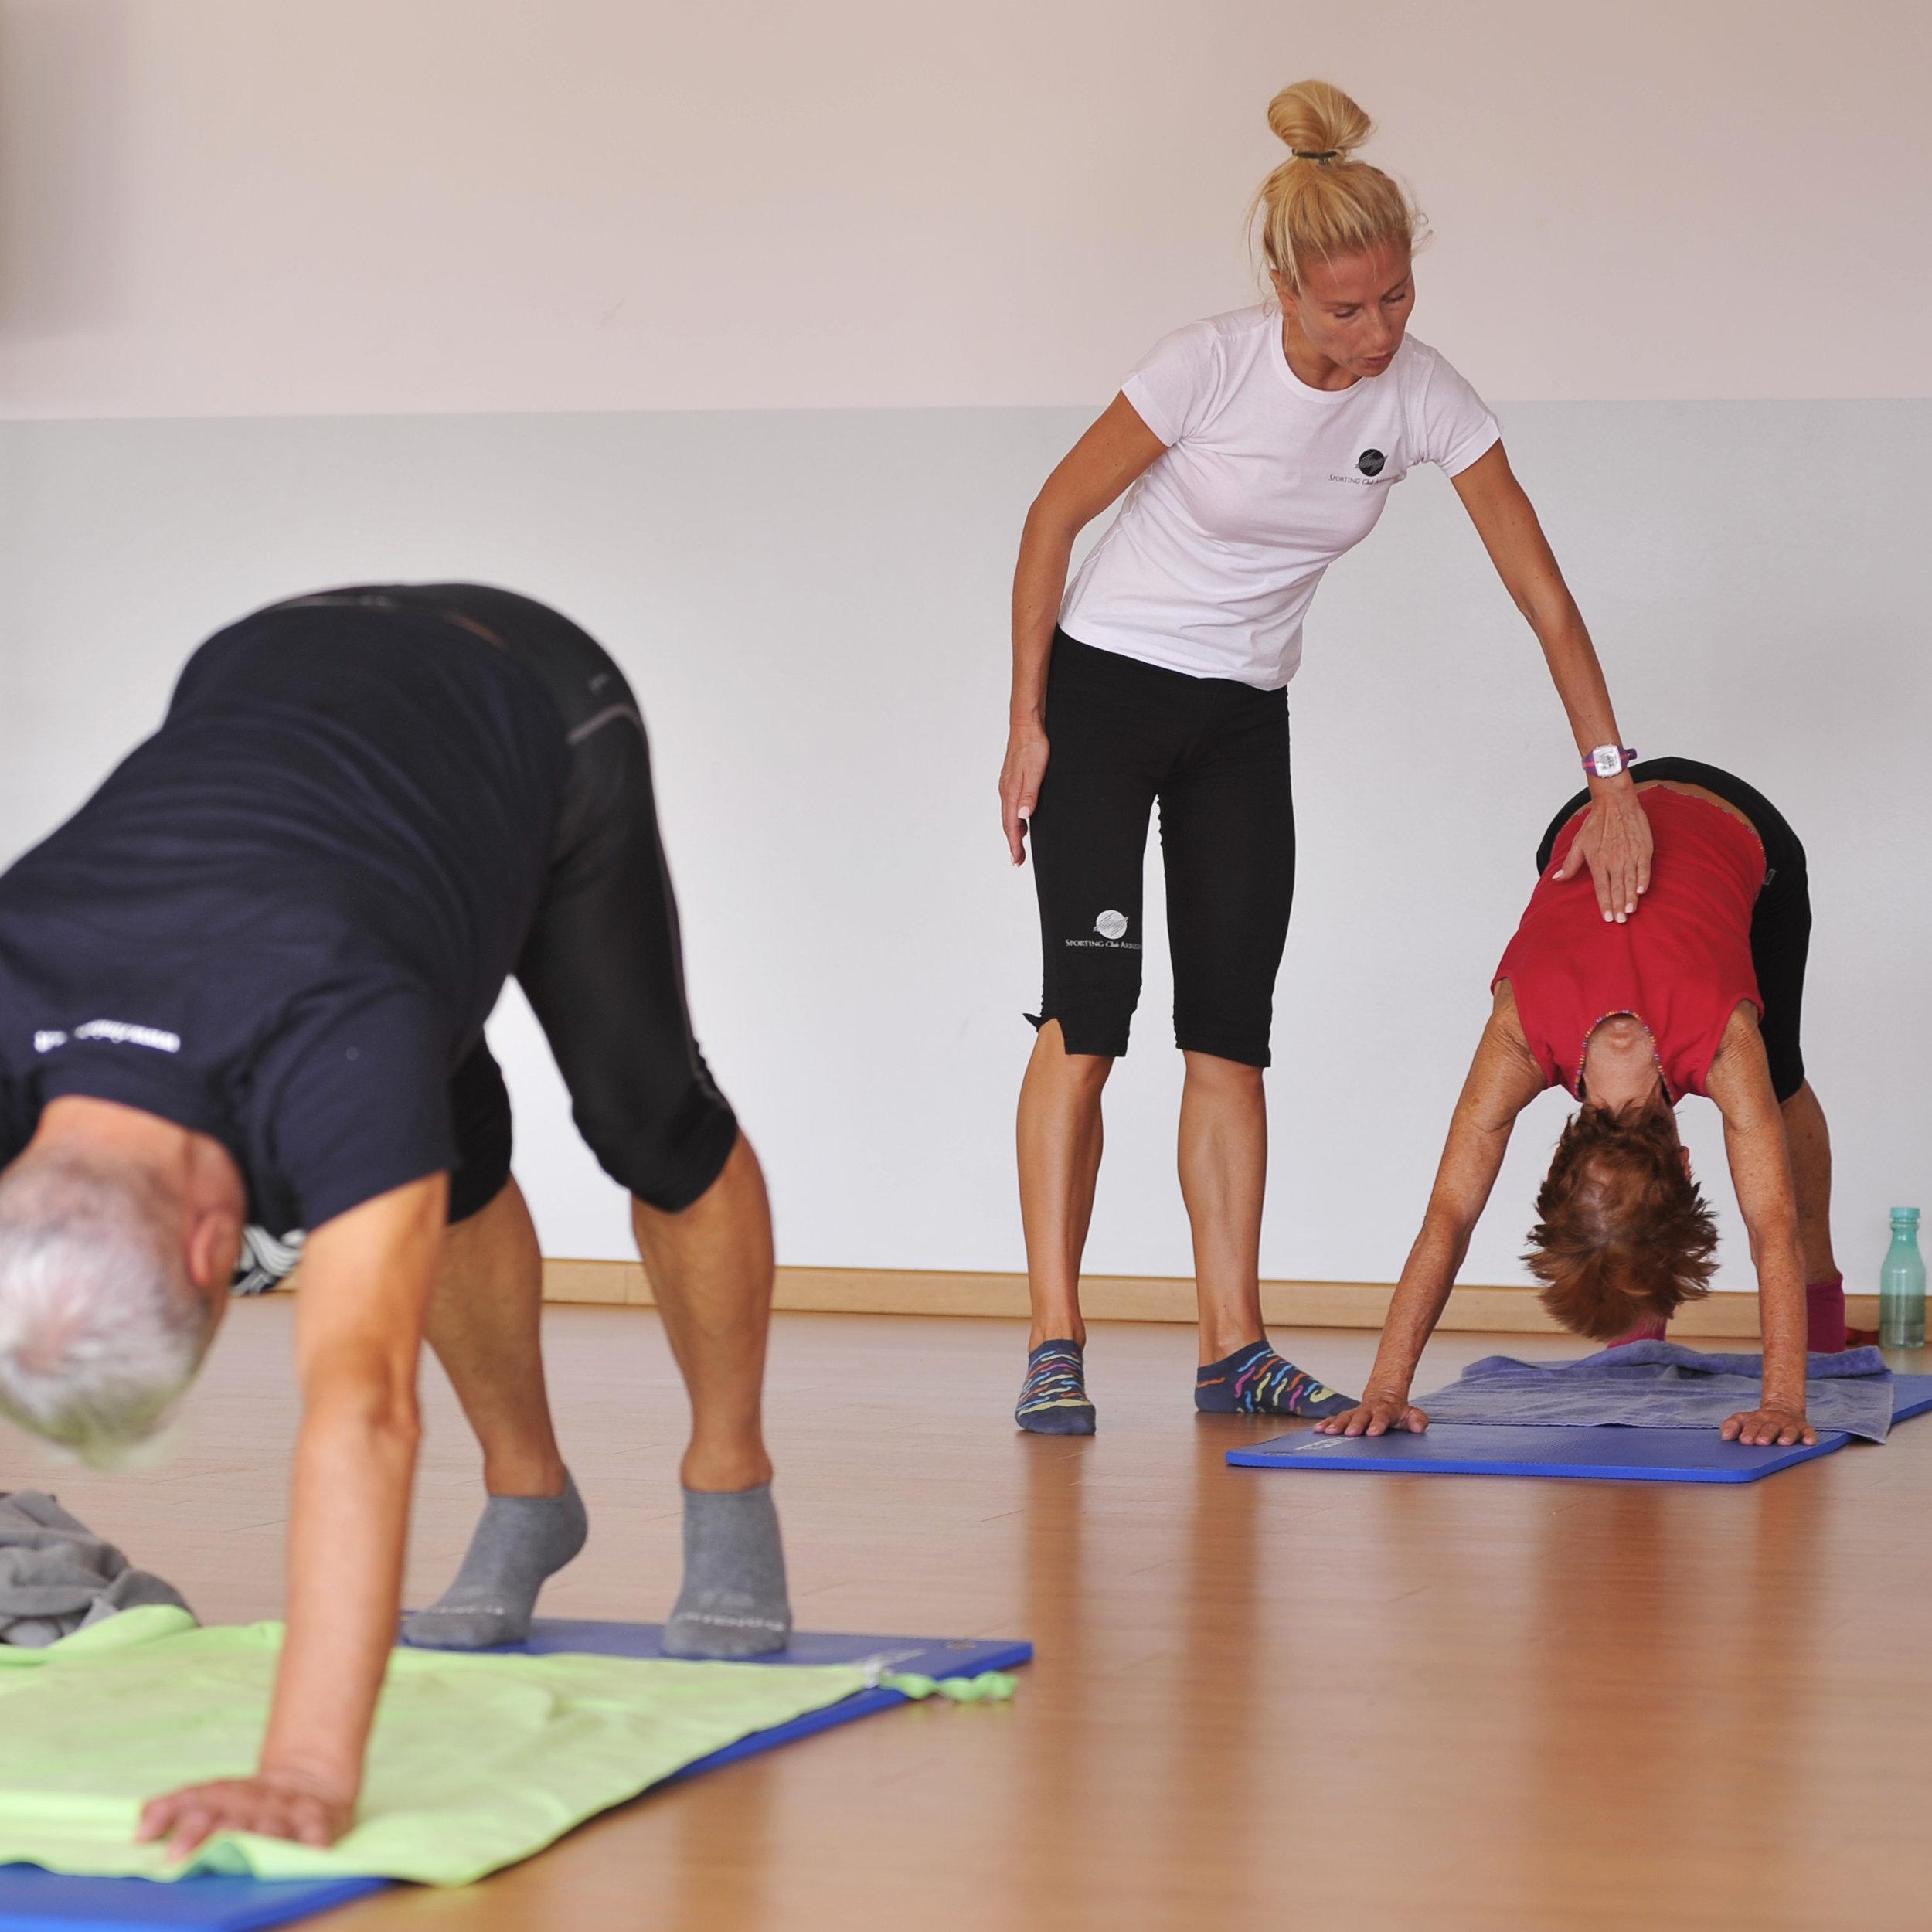 Equilibrium - 55 minuti di allenamento che fonde Yoga, TaiChi e Pilates che migliora la flessibilità, l'equilibrio e la forza del corpo. Il controllo del respiro, la concentrazione, i movimenti posturali, accompagnati da un sottofondo musicale, coinvolgono corpo e mente donando una meravigliosa sensazione di benessere e serenità.